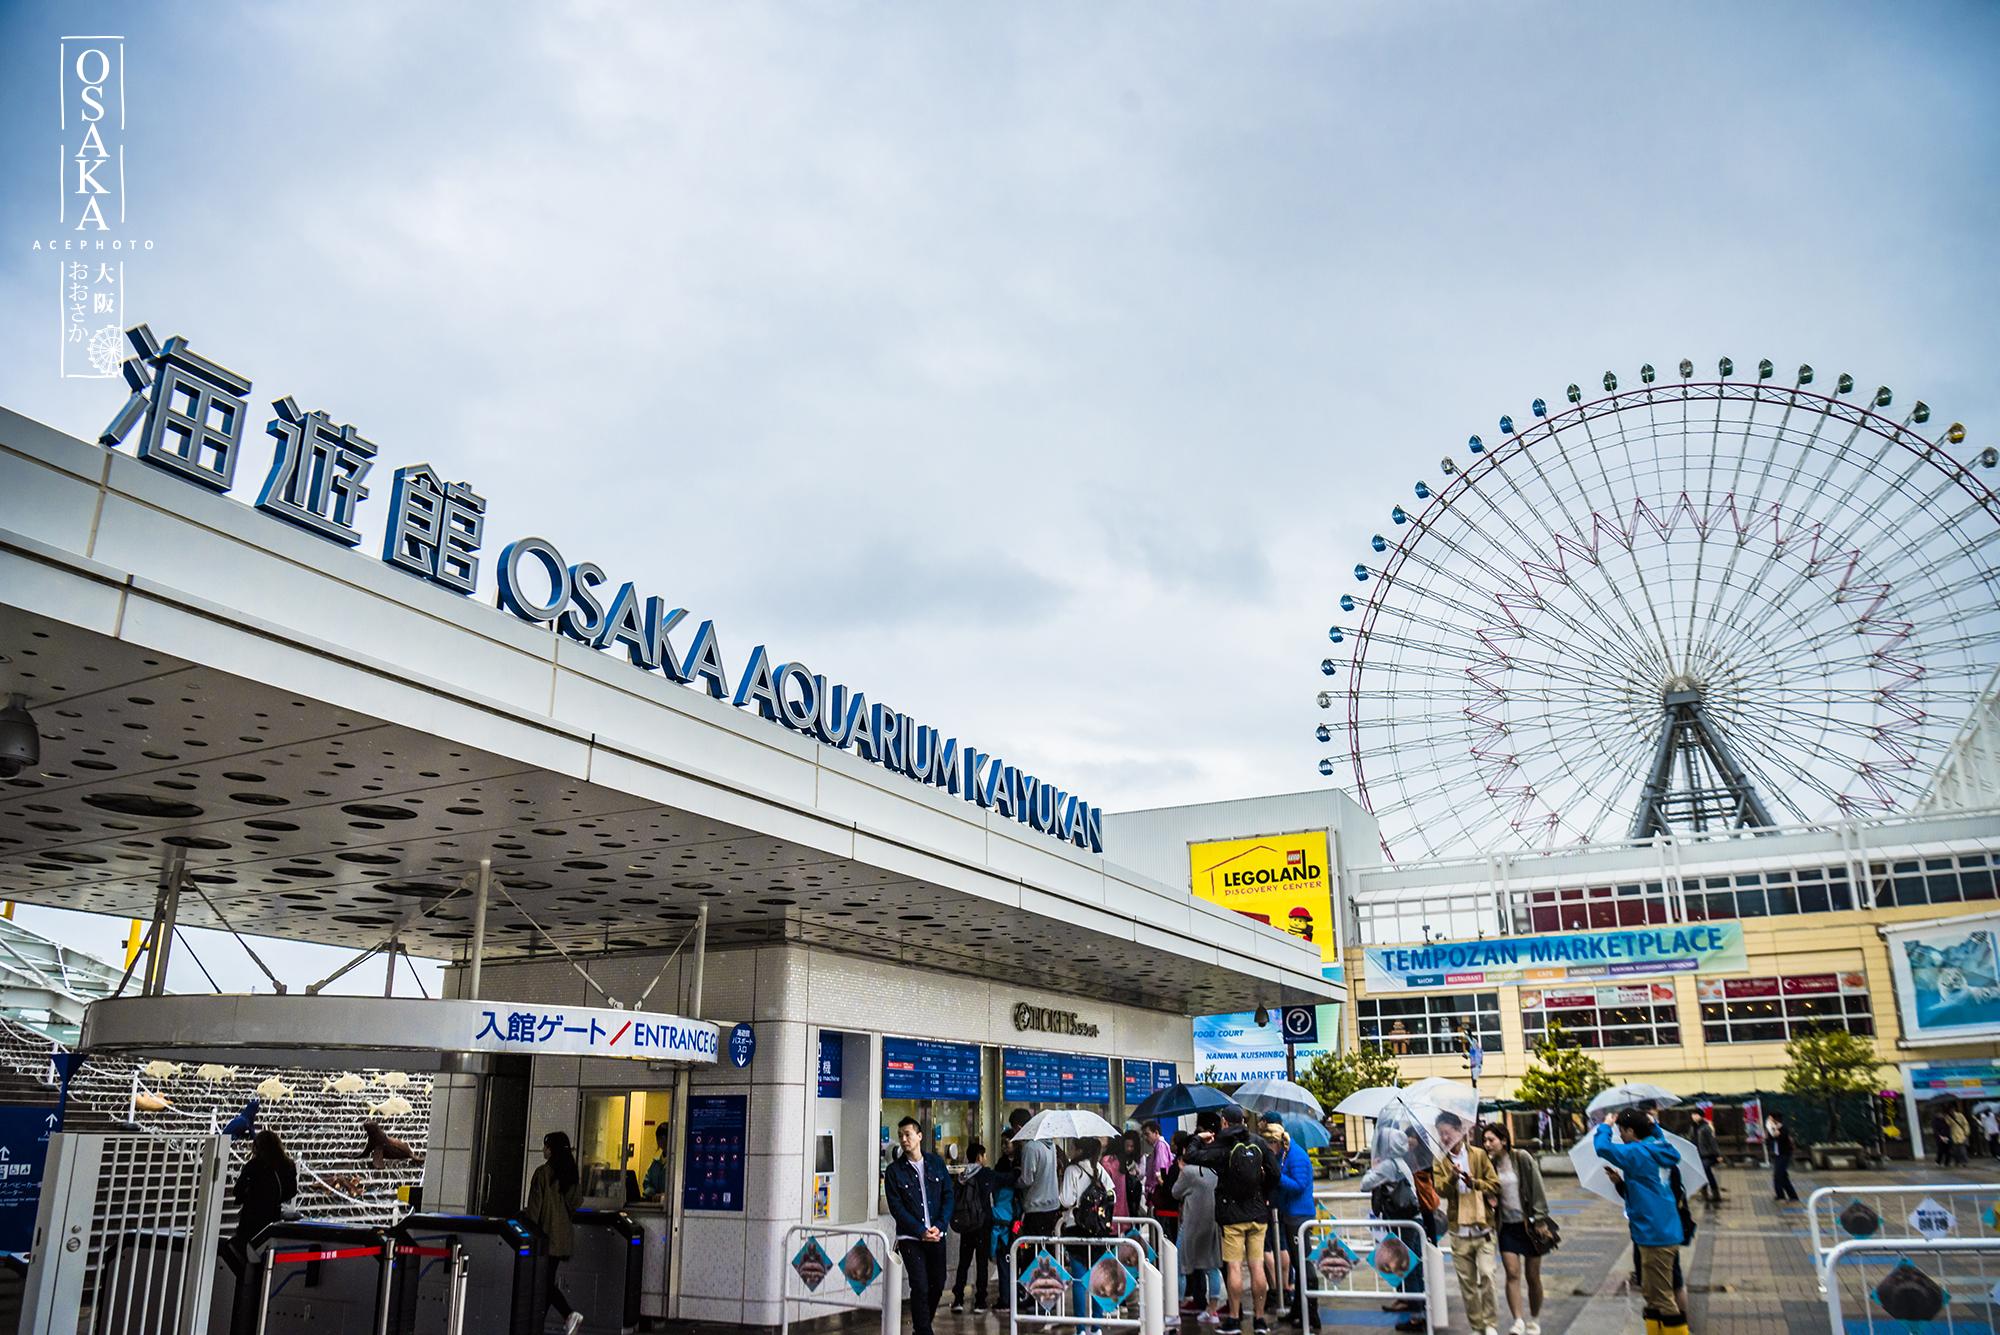 【大阪景点图片】大阪海游馆